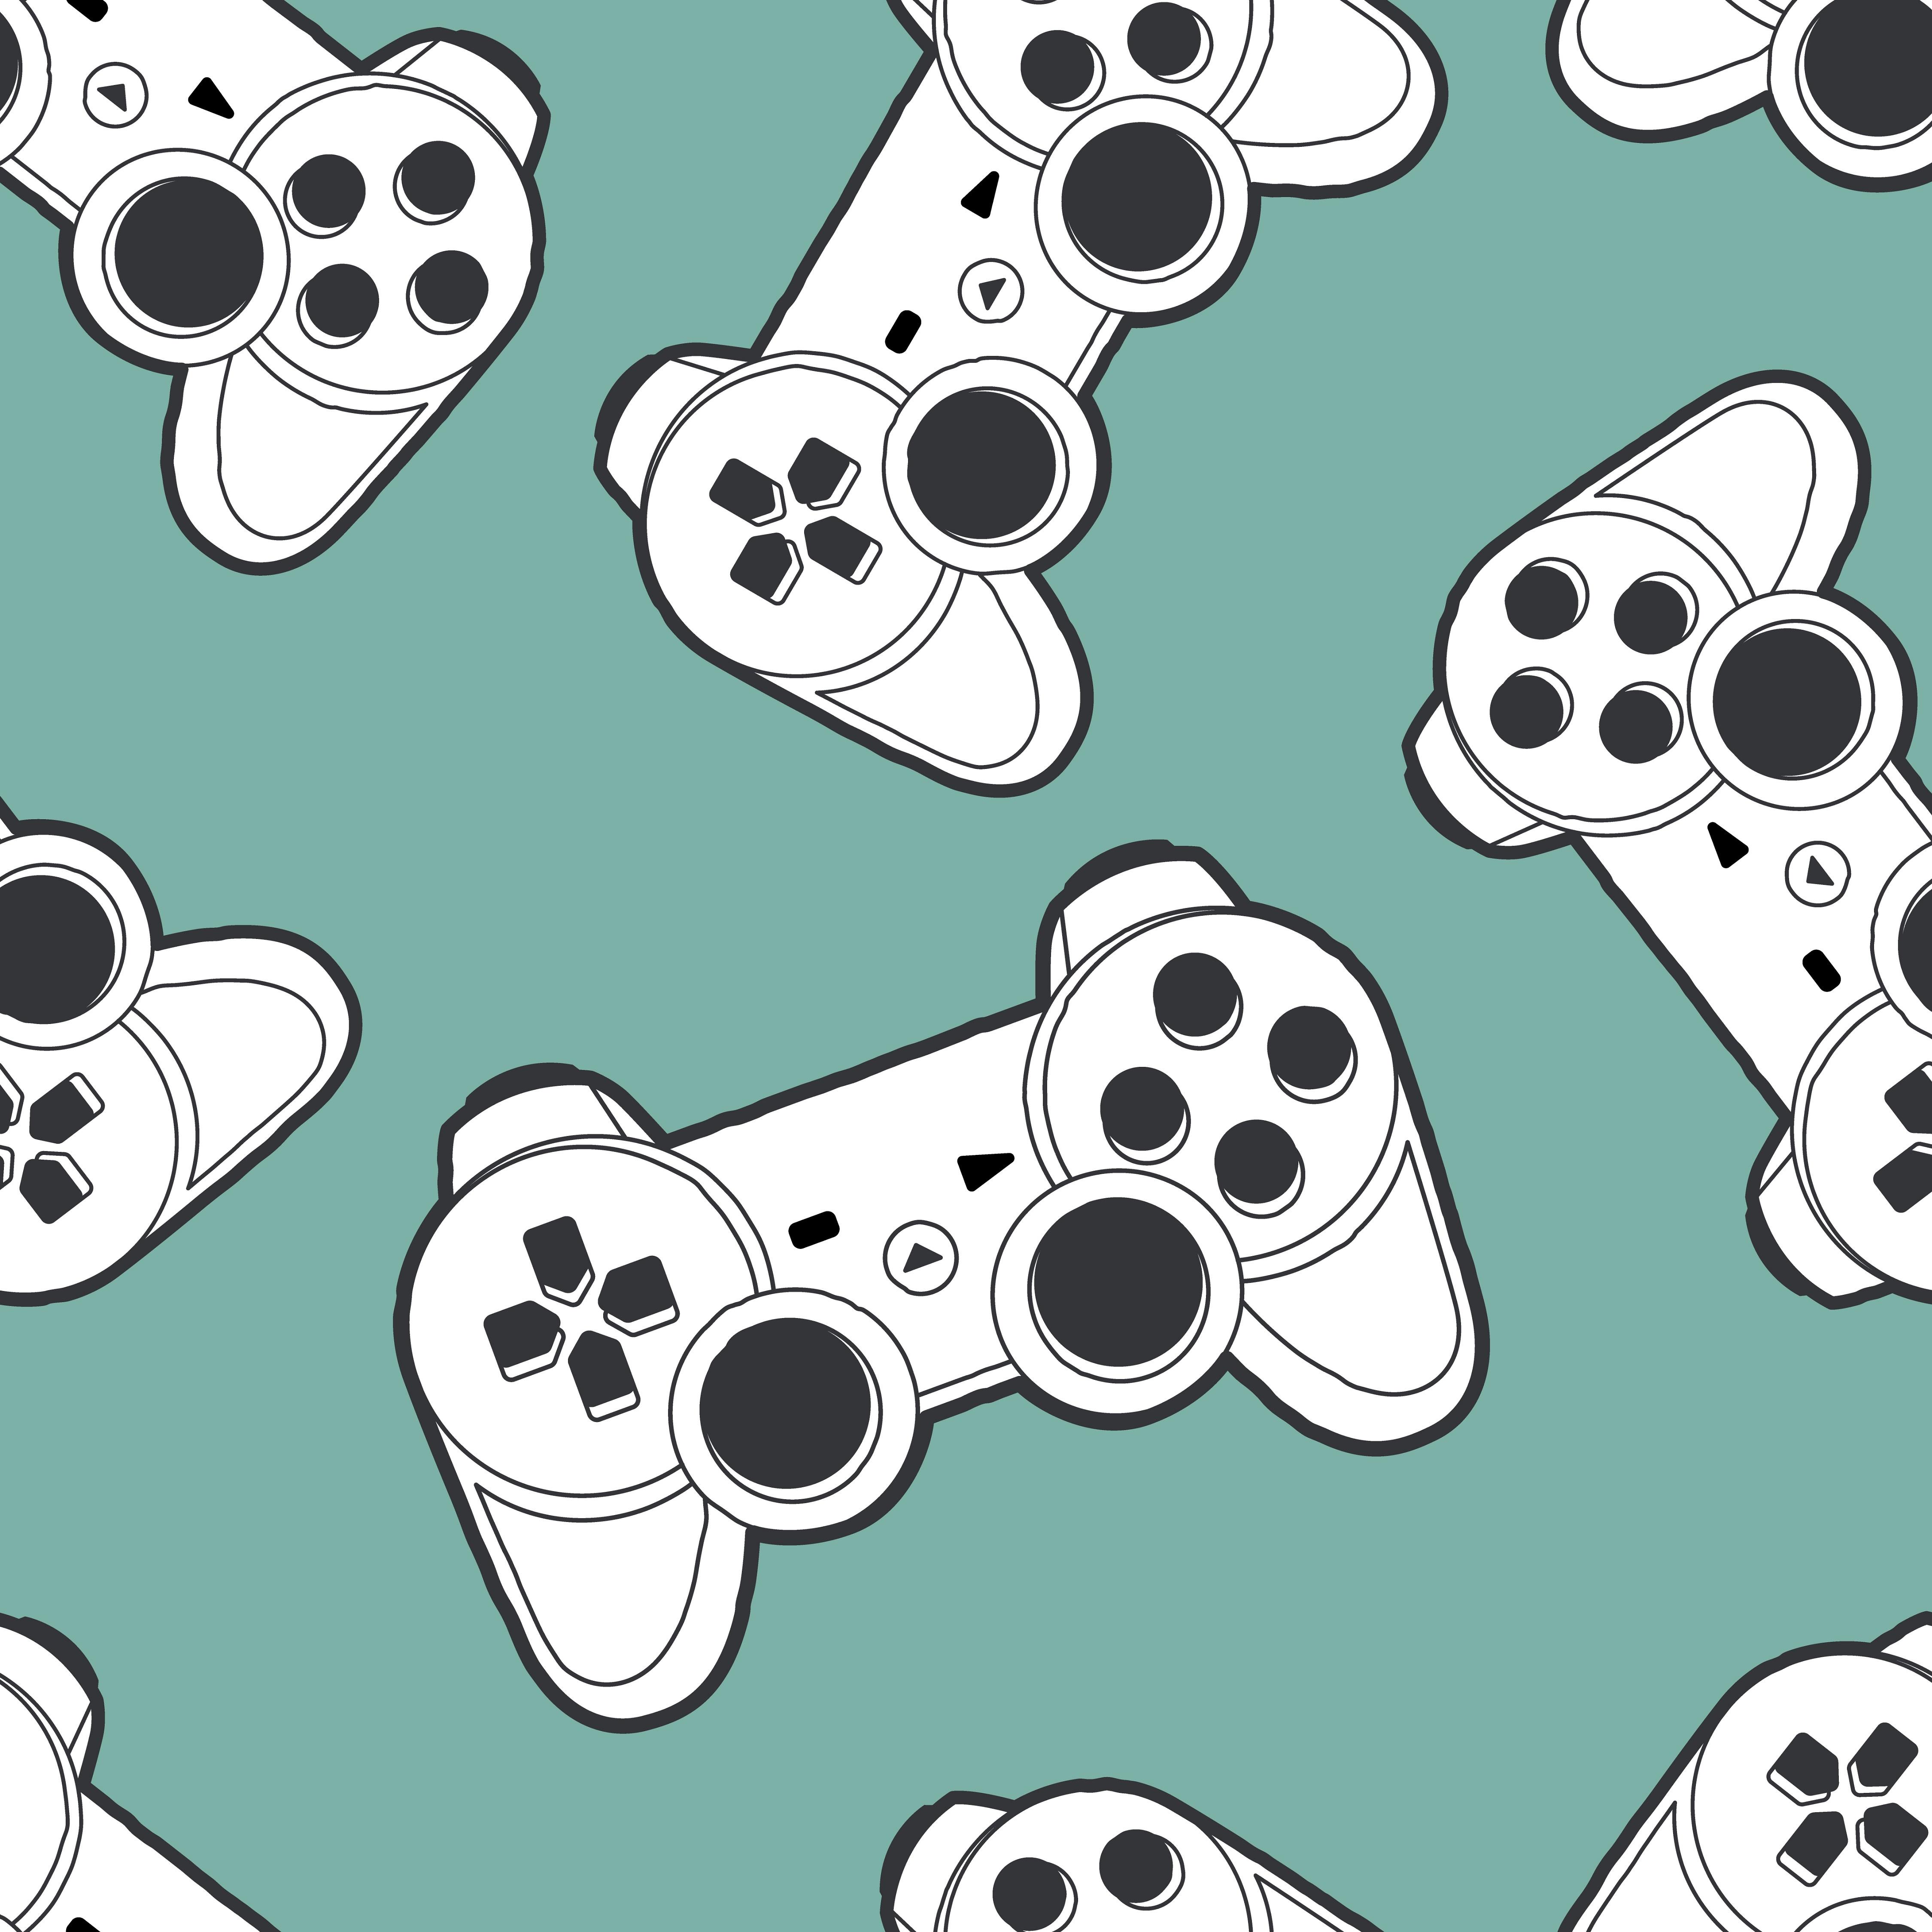 Os jogos eletrónicos podem melhorar o desempenho escolar?